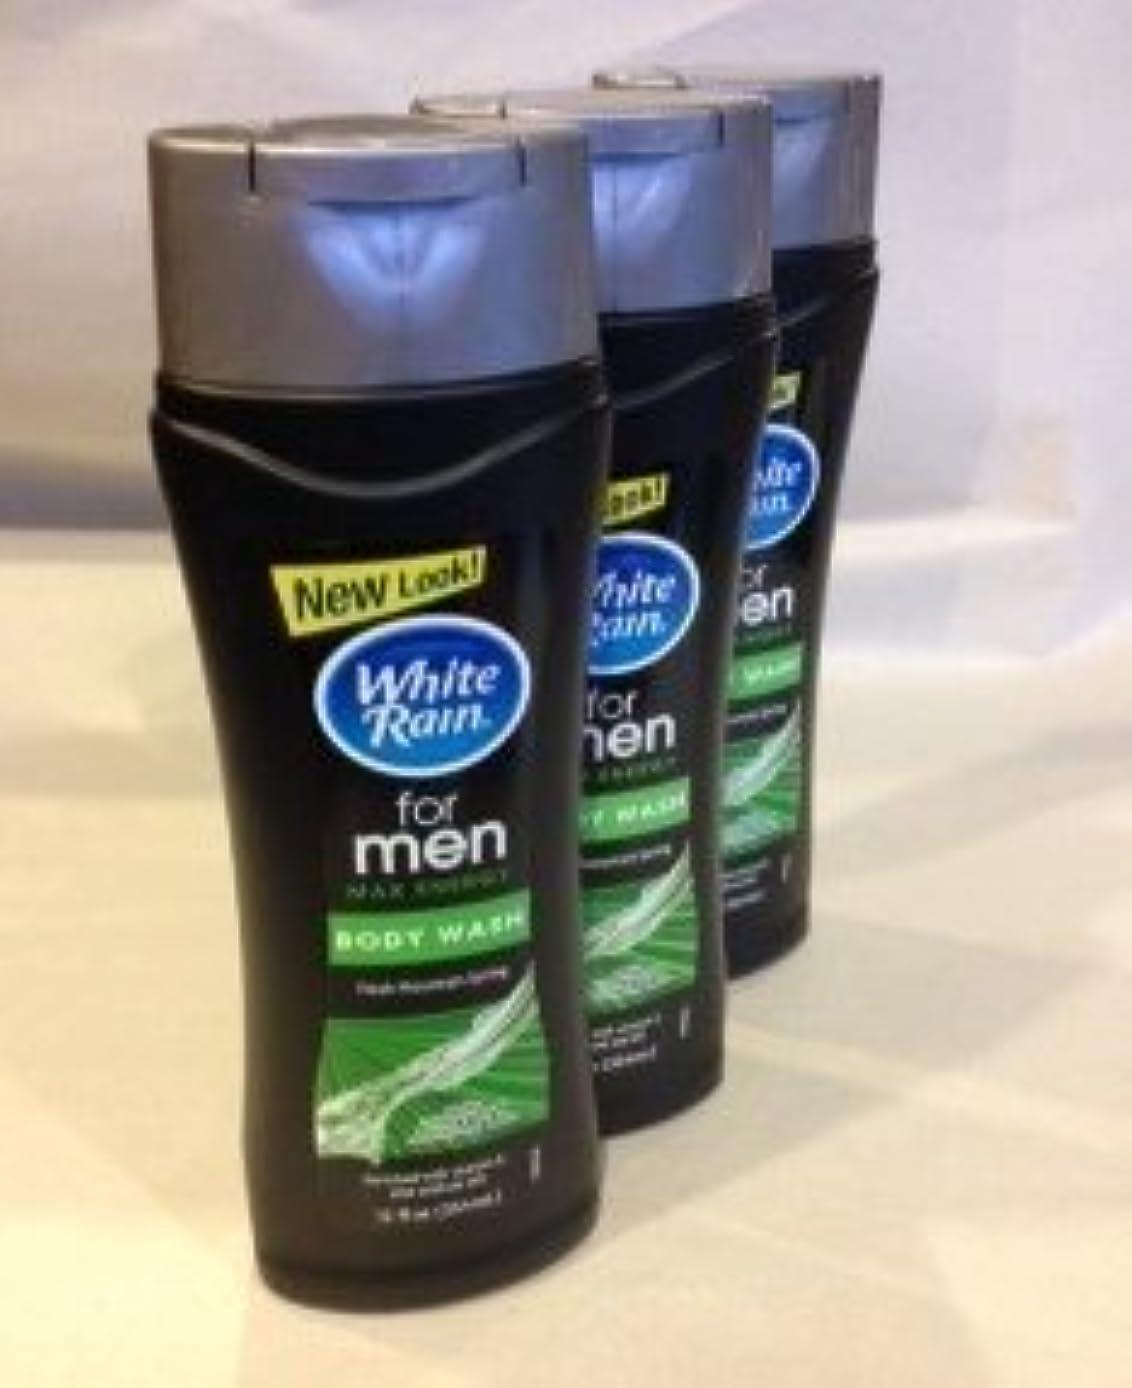 売上高夫婦成長するWhite Rain for Men Body Wash - Freash Mountain Spring Max Energy (QTY 3 Pack by White Rain